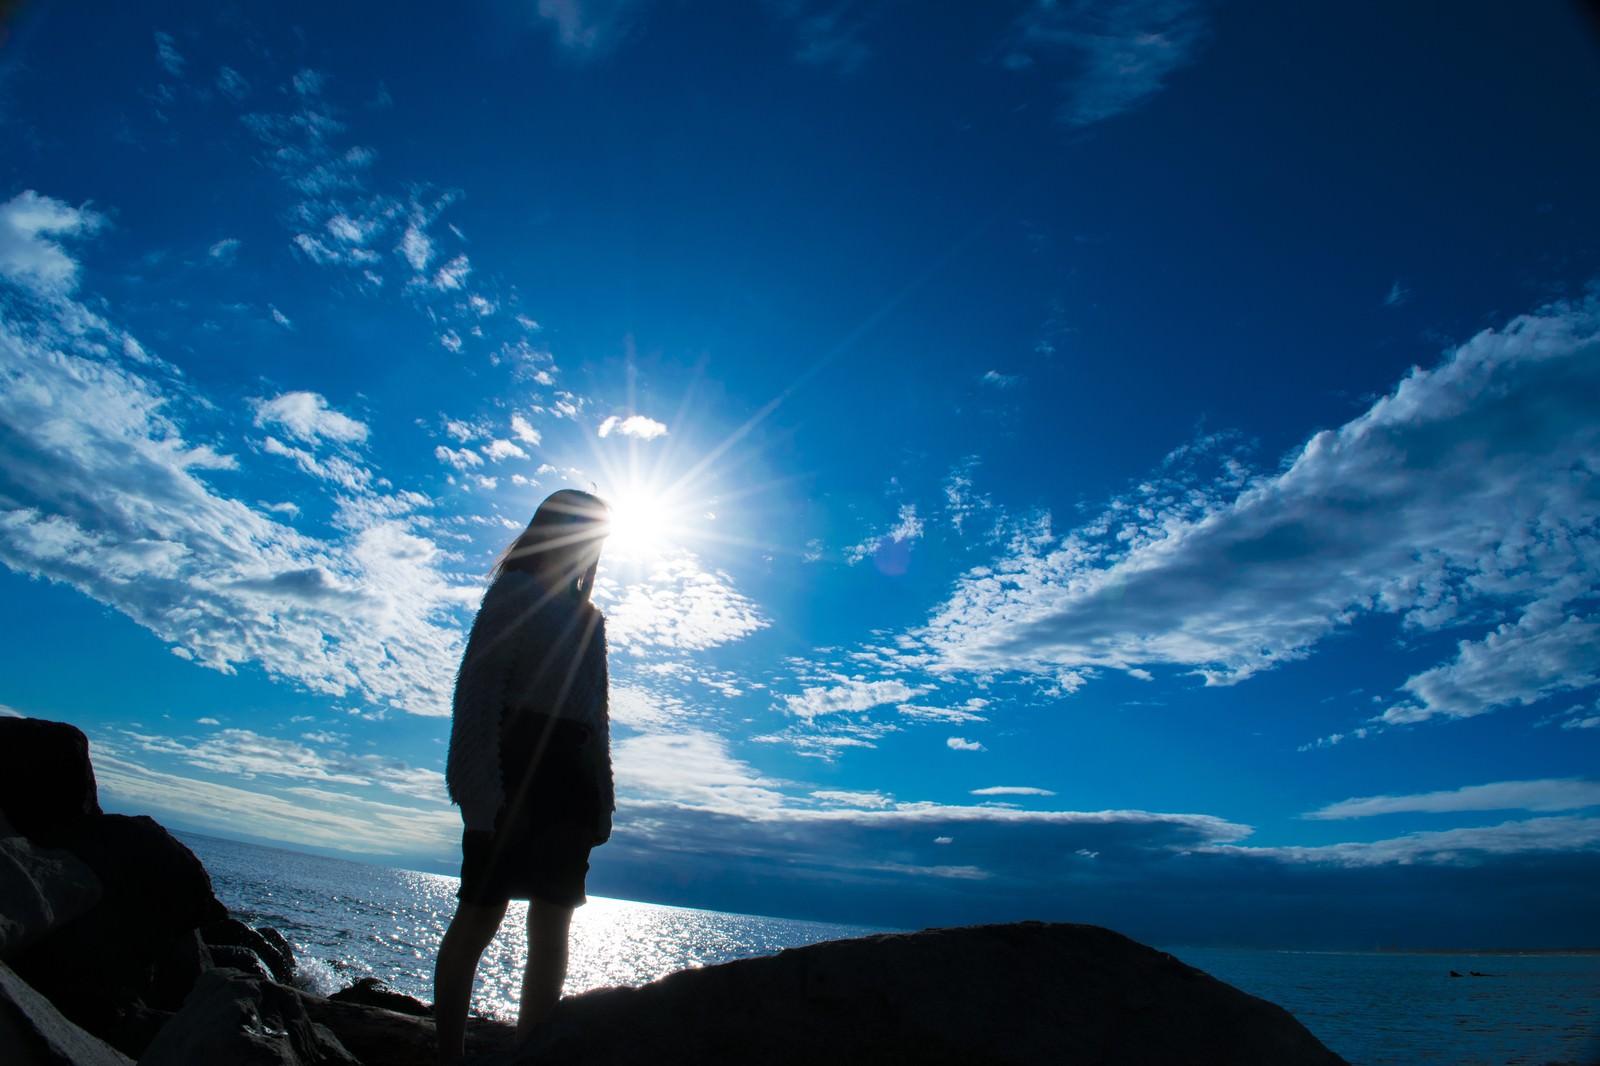 「海岸に立つ女性のシルエット」の写真